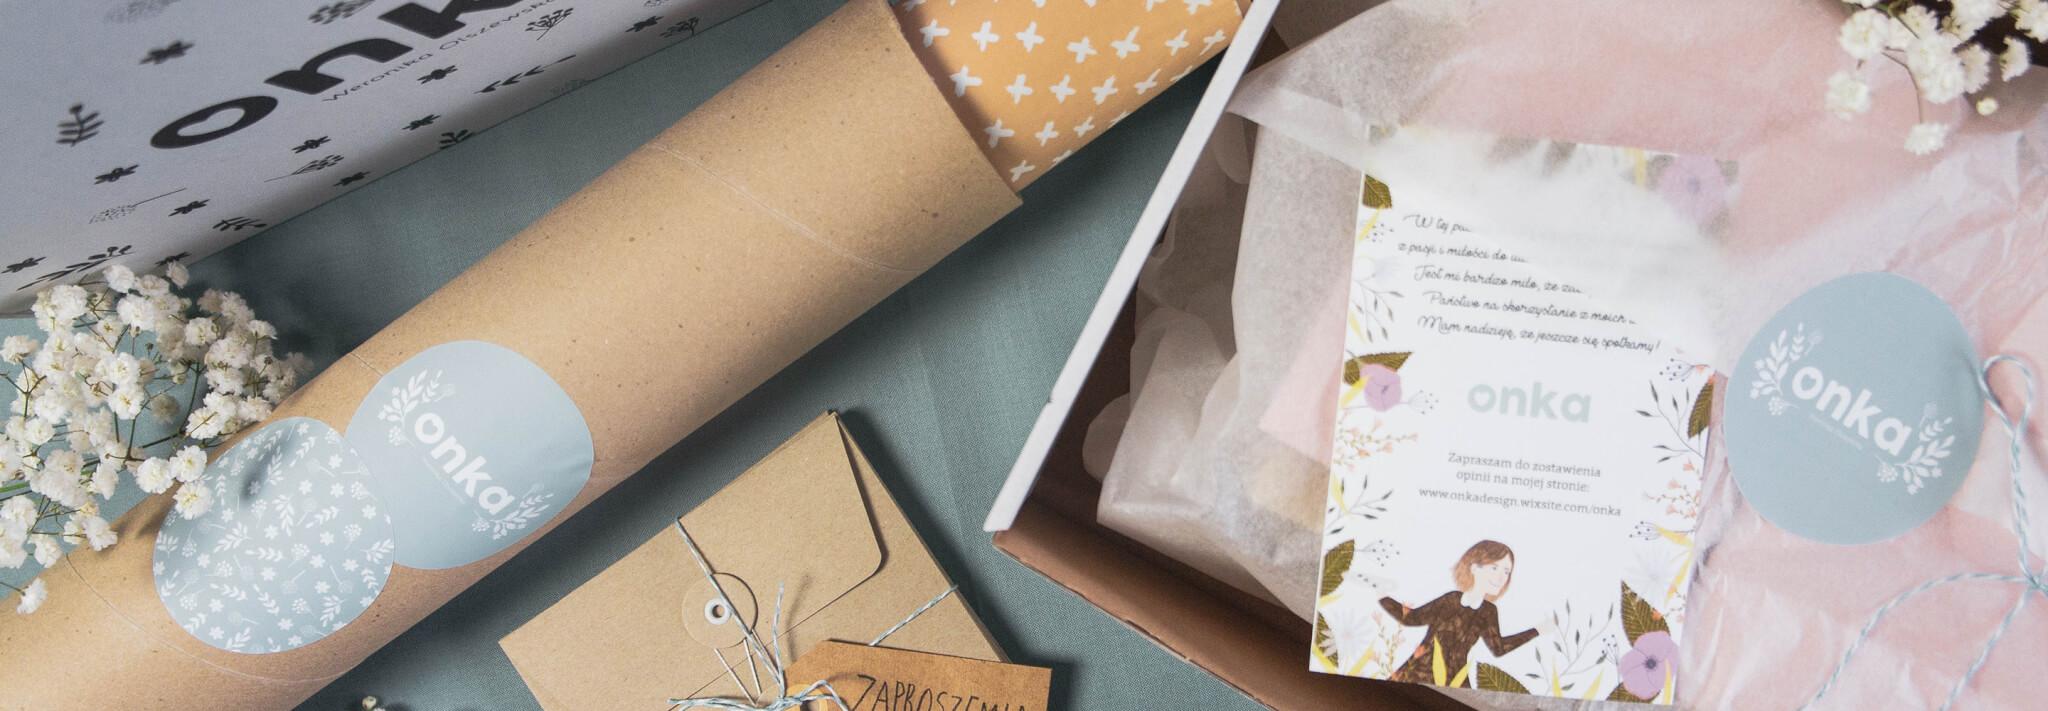 Obalové materiály pro e-commerce